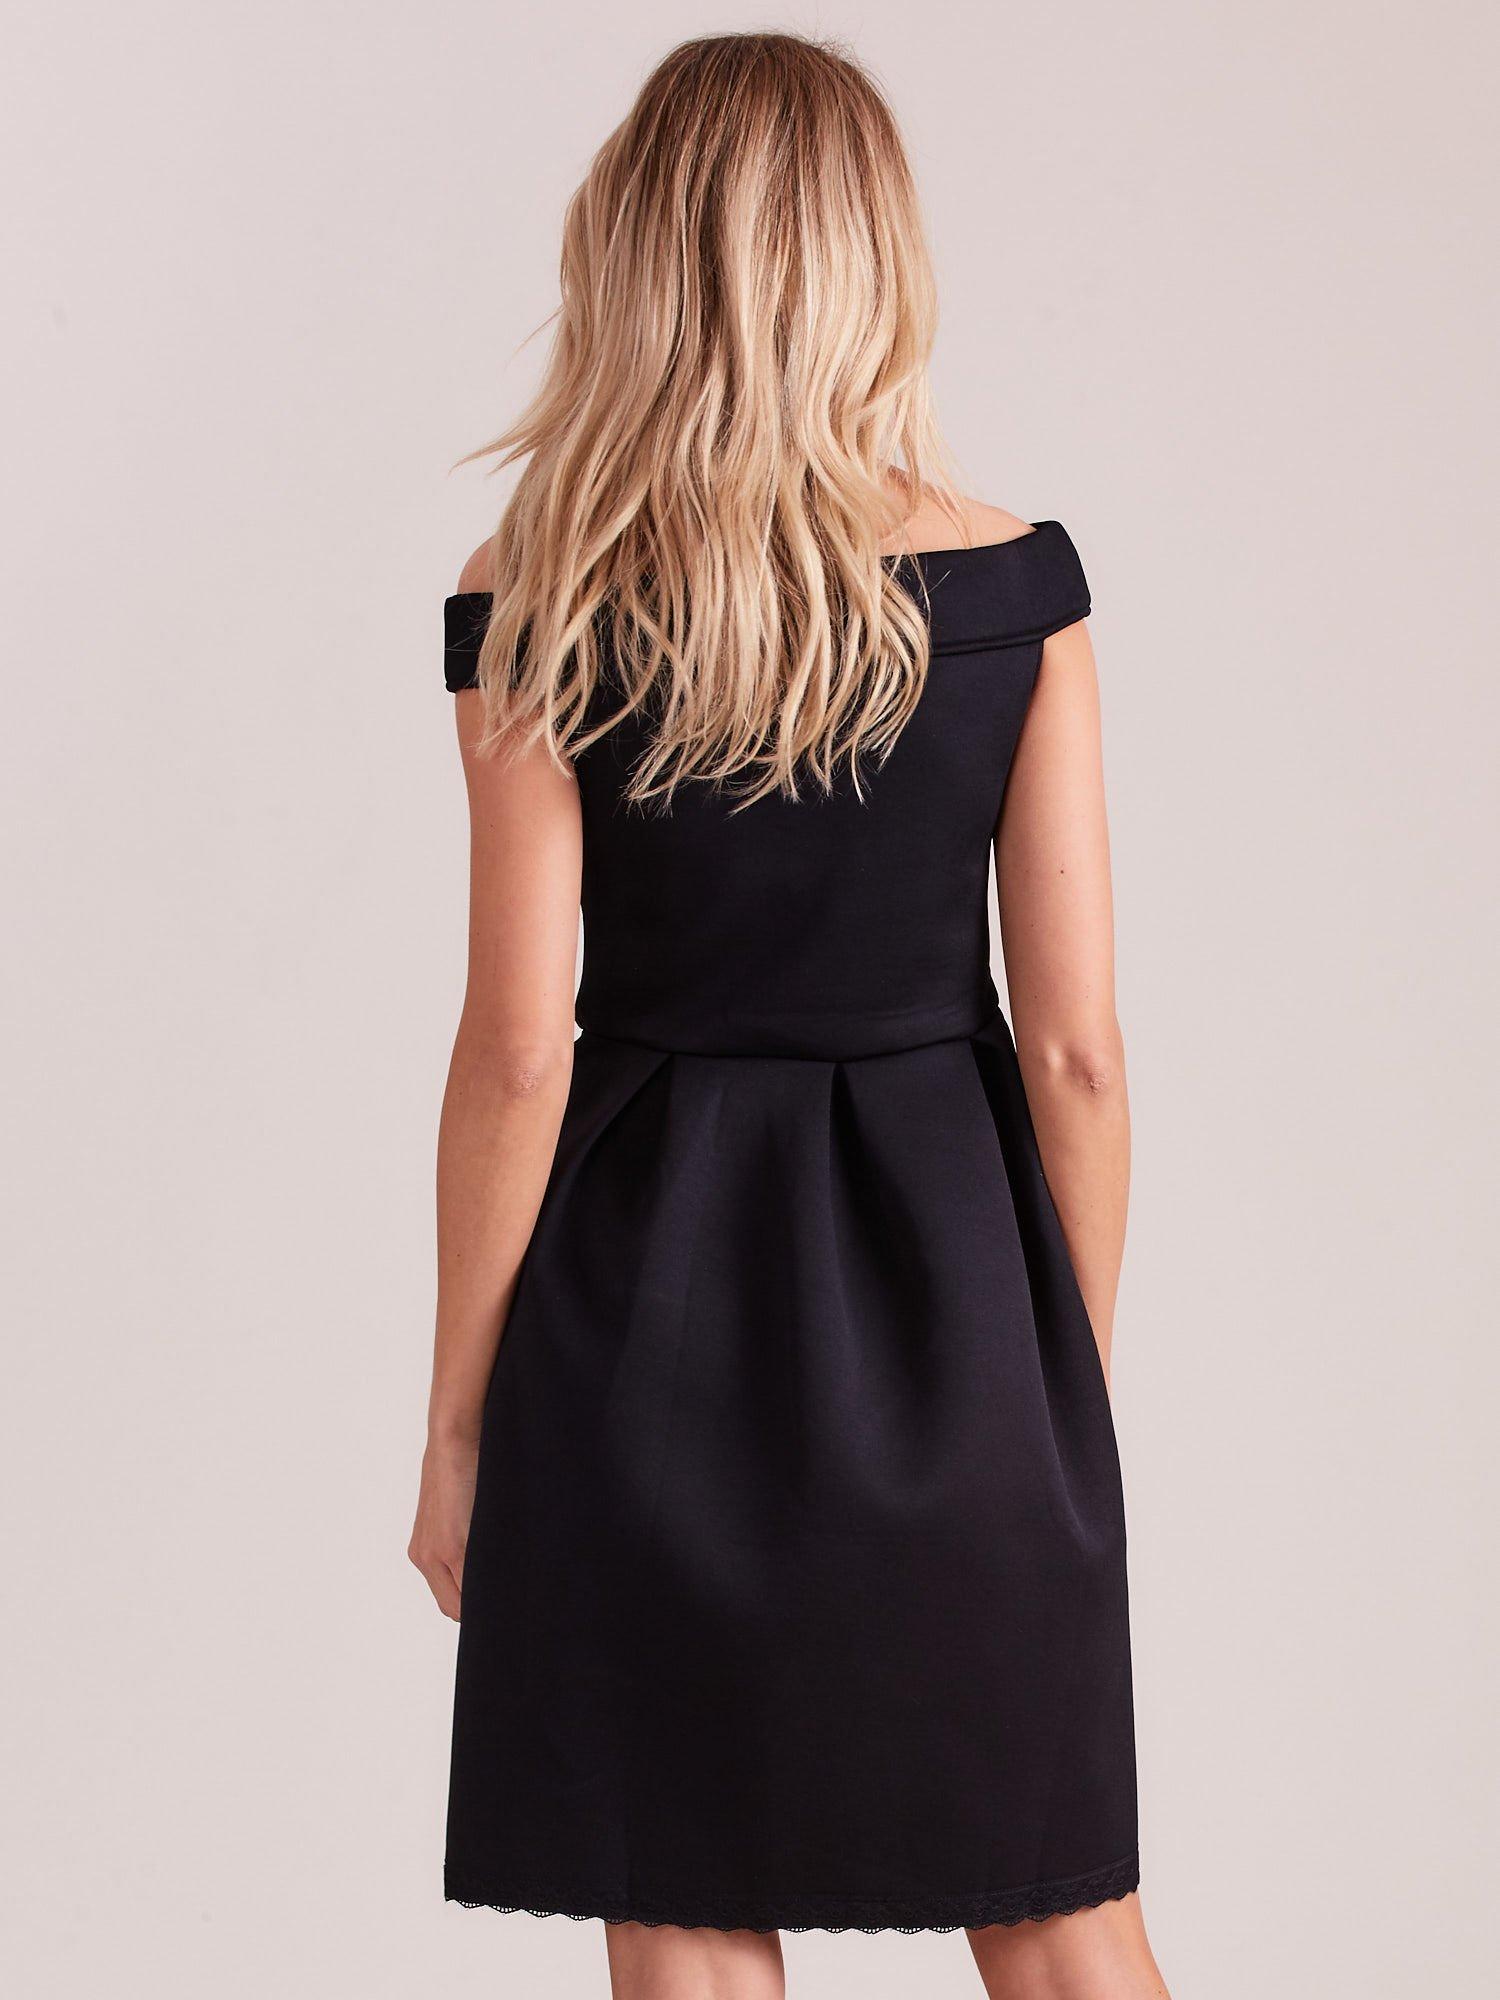 753649658b8 Czarna rozkloszowana sukienka z pianki